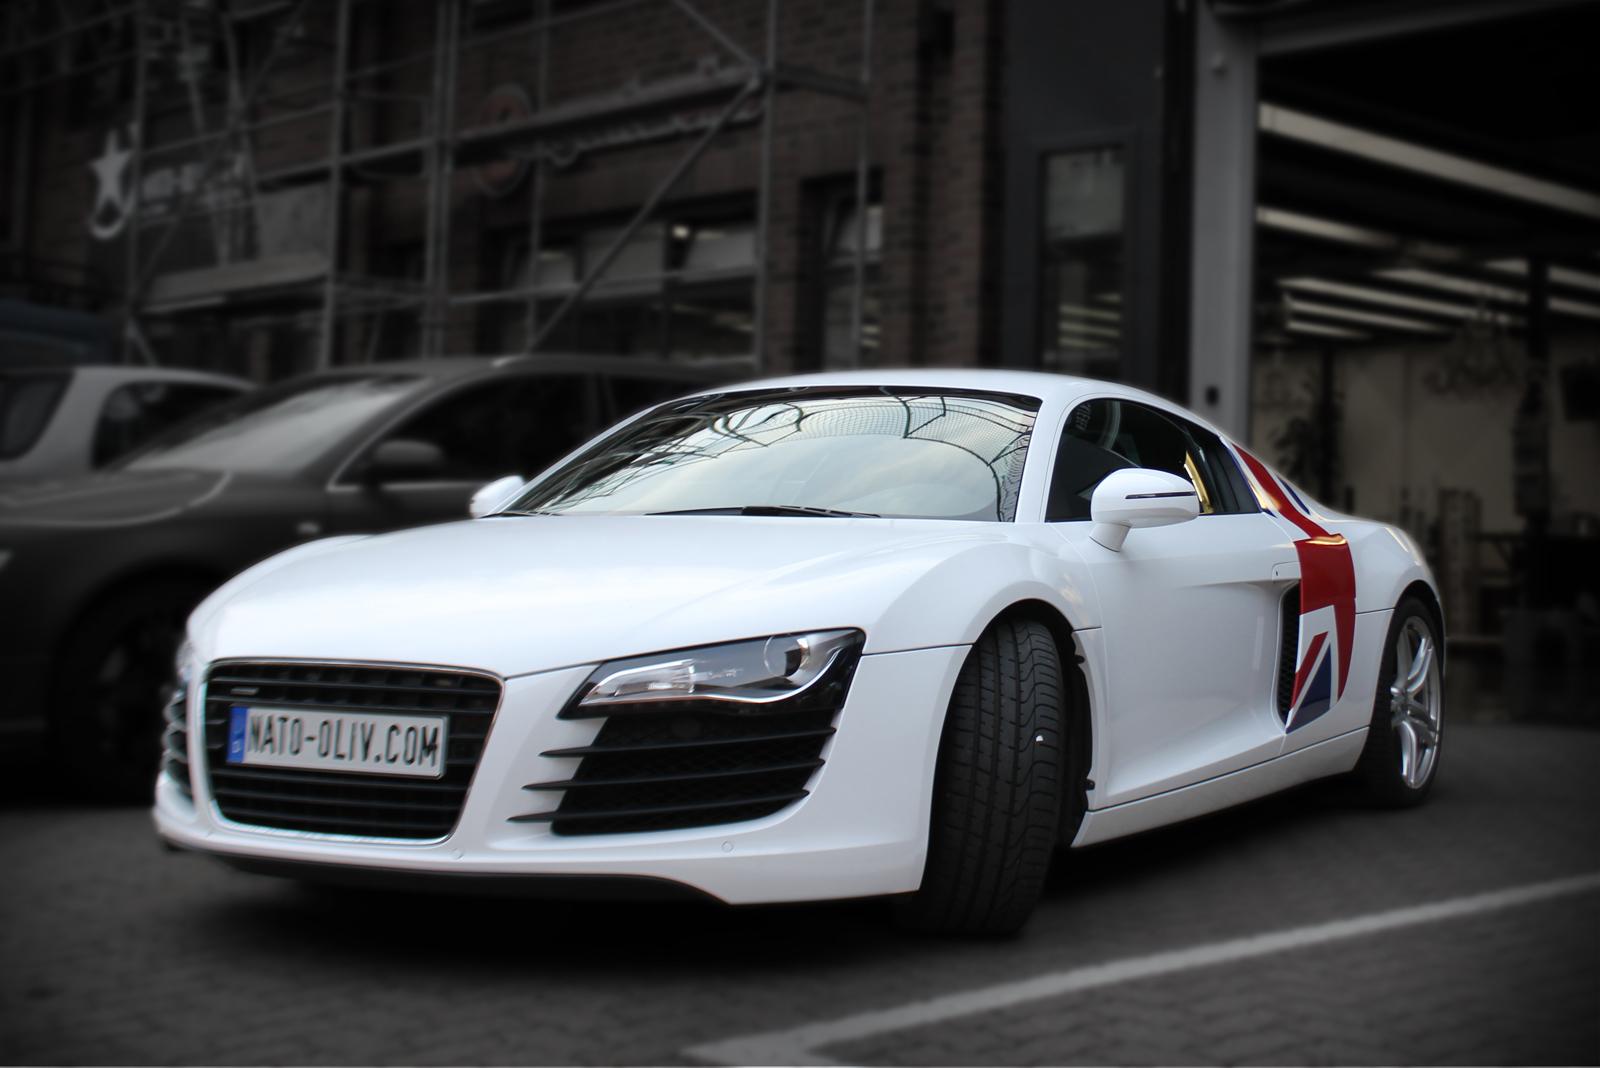 Audi R8 in weiß glanz foliert mit Union Jack Flagge auf Seitenteilen